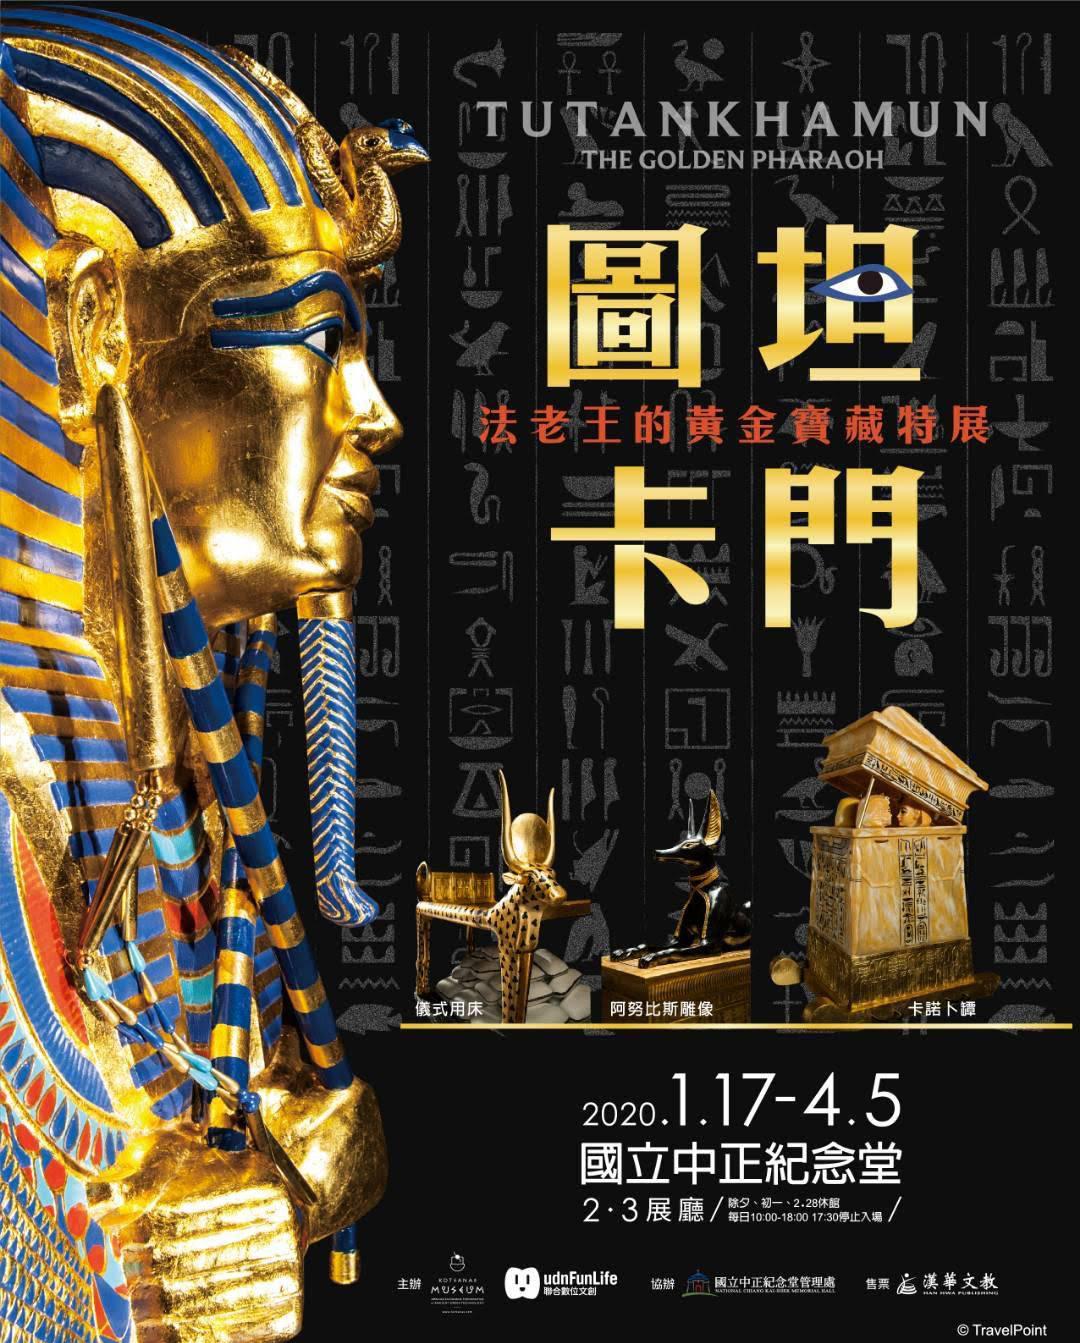 圖坦卡門法老王的黃金寶藏特展早鳥優惠票